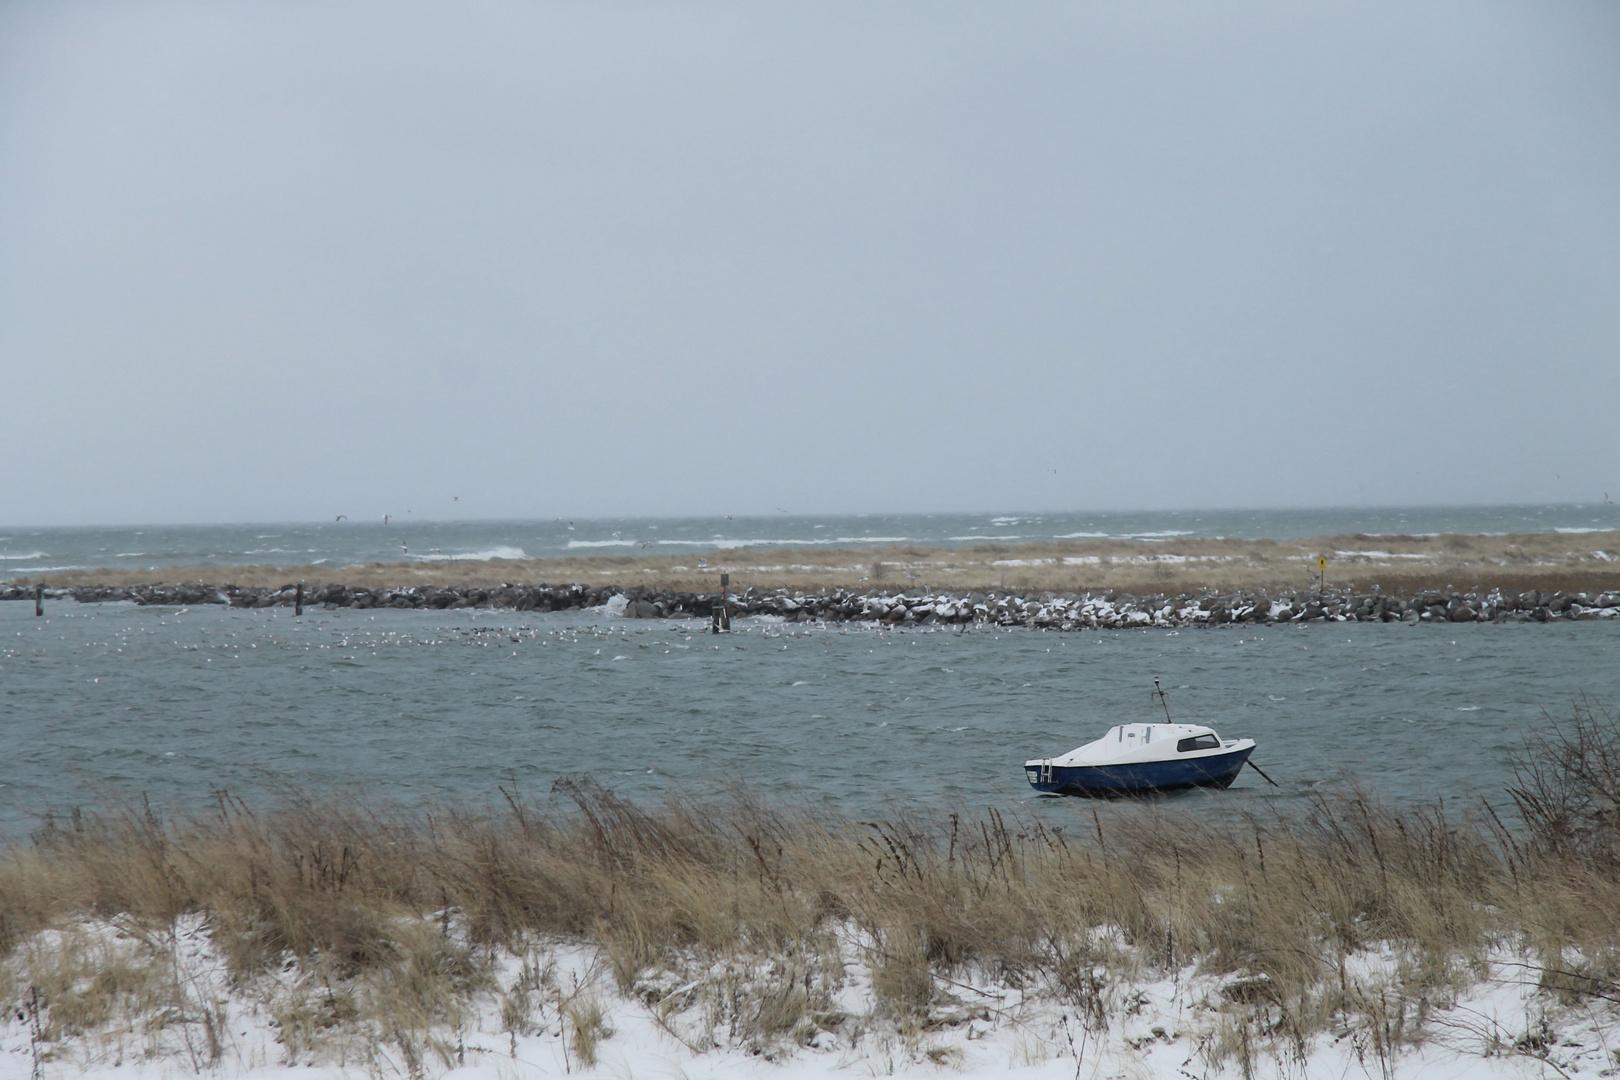 Wintersturm auf der Ostsee